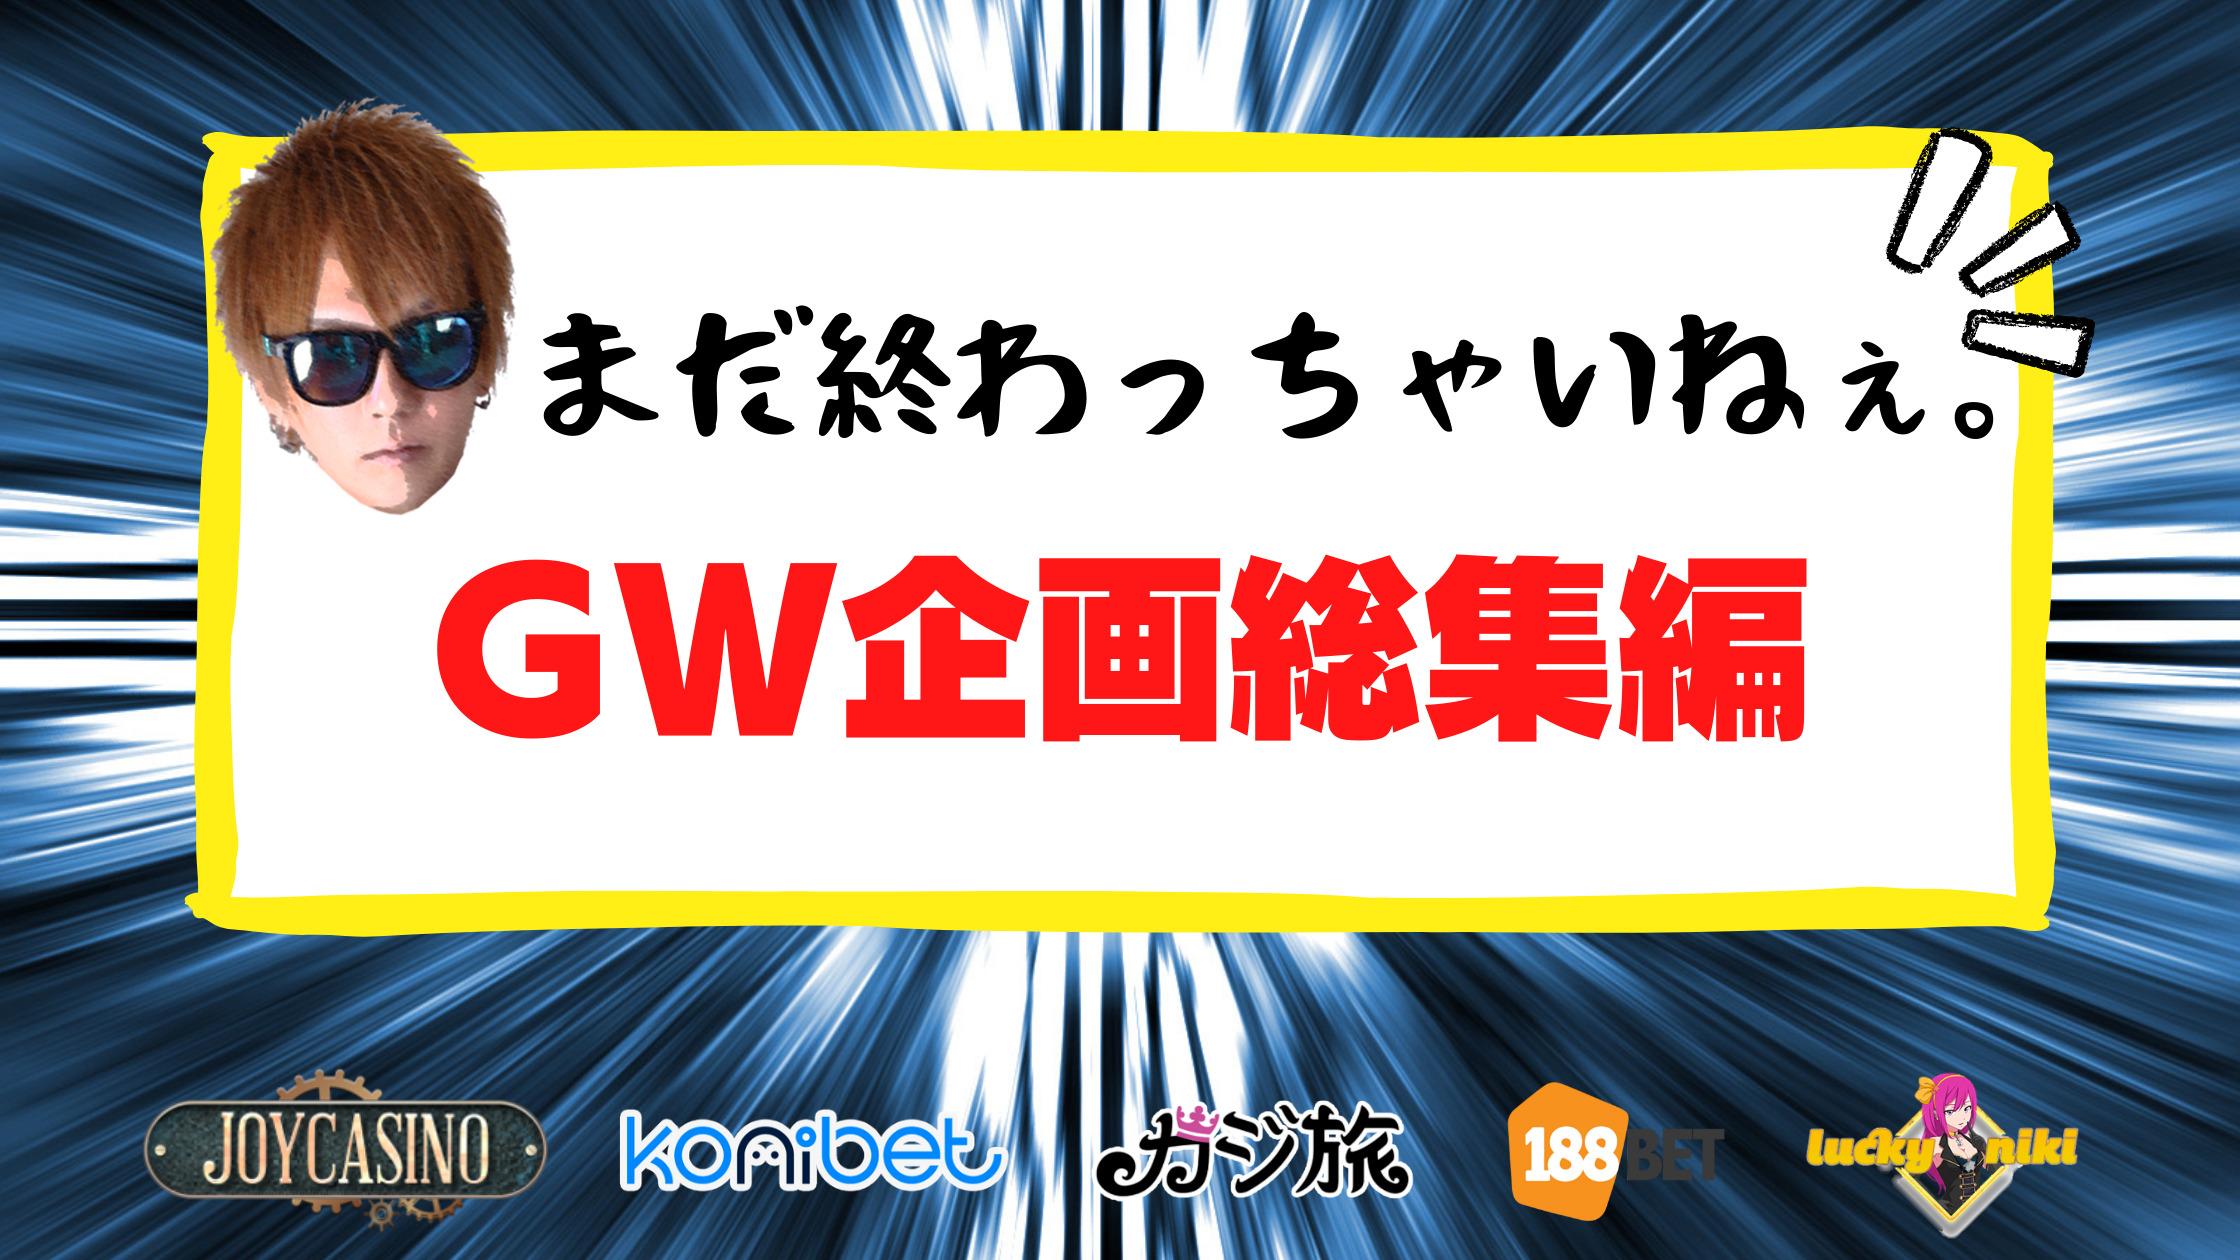 【まだ間に合う!】5カジノのゴールデンウィーク企画総まとめ!